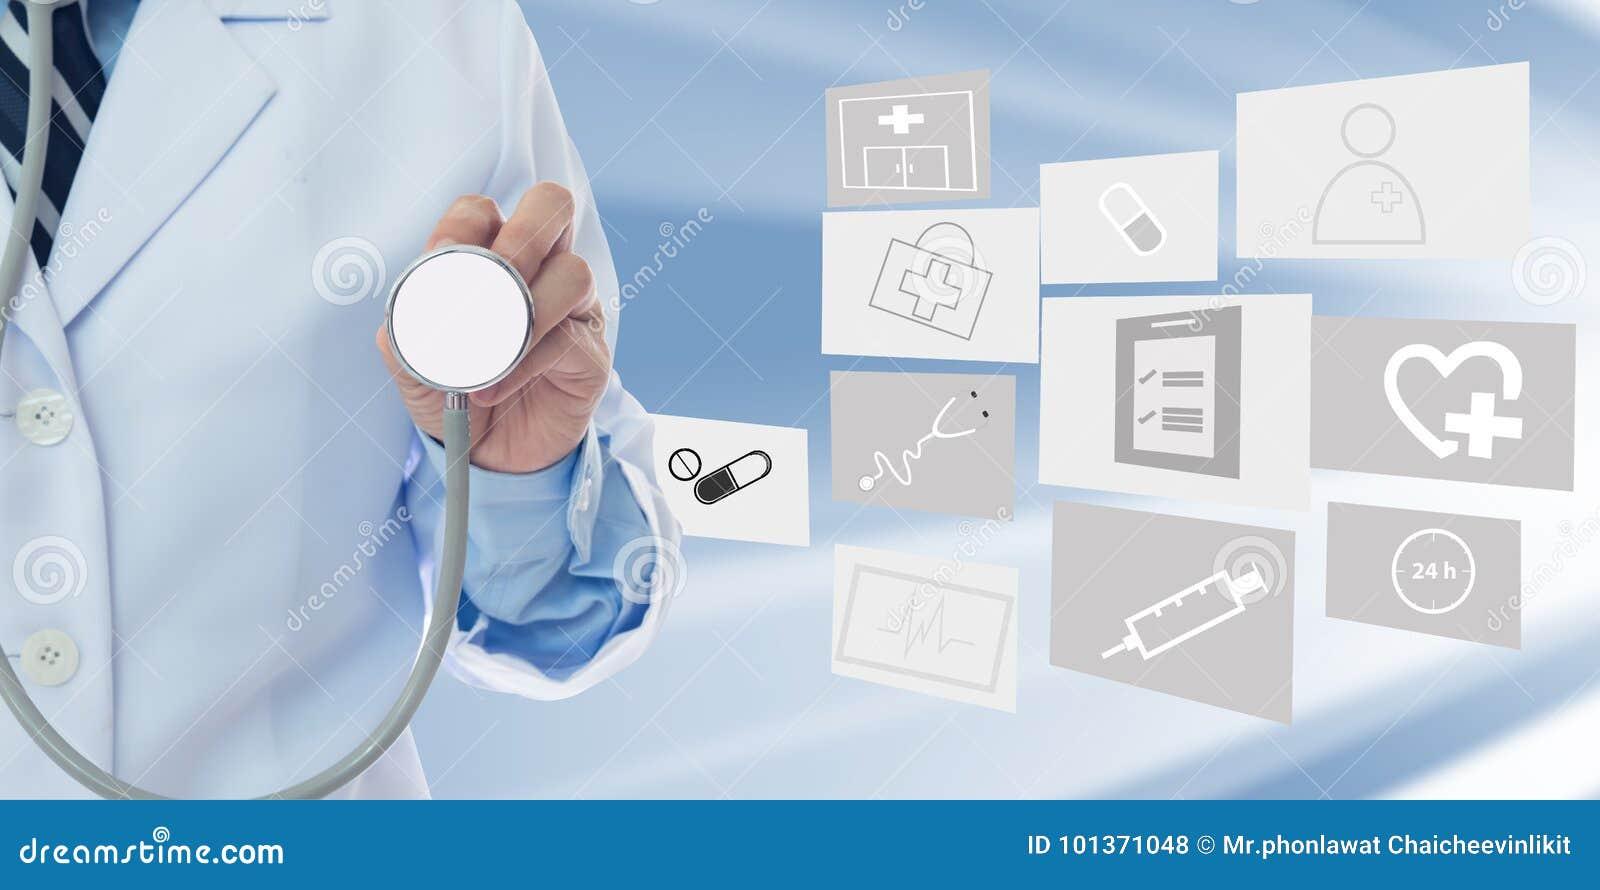 Invitado a la revisión médica anual